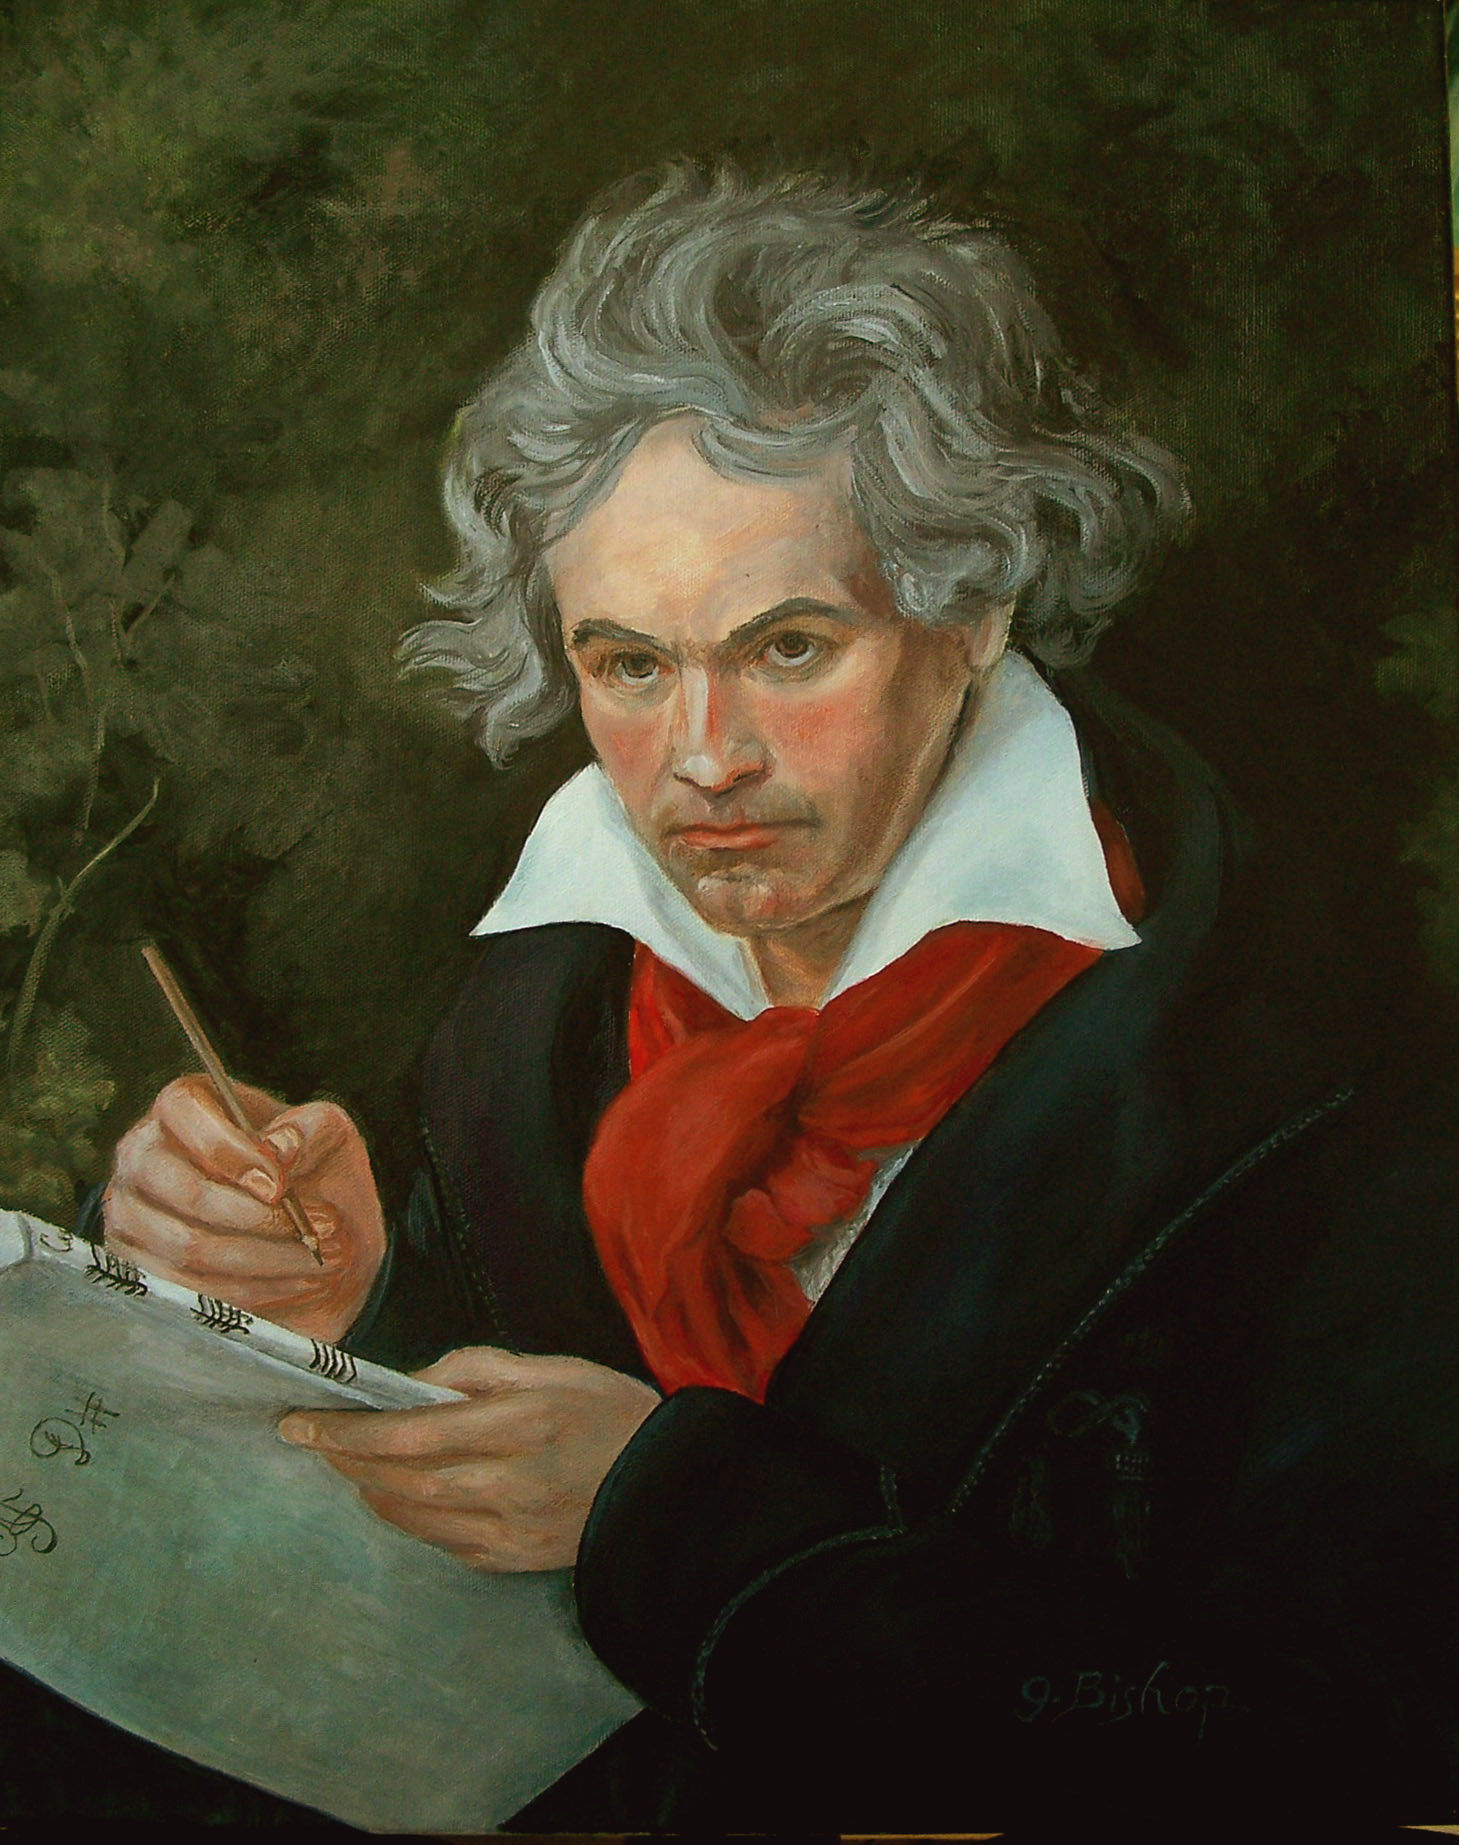 #330 Beethoven